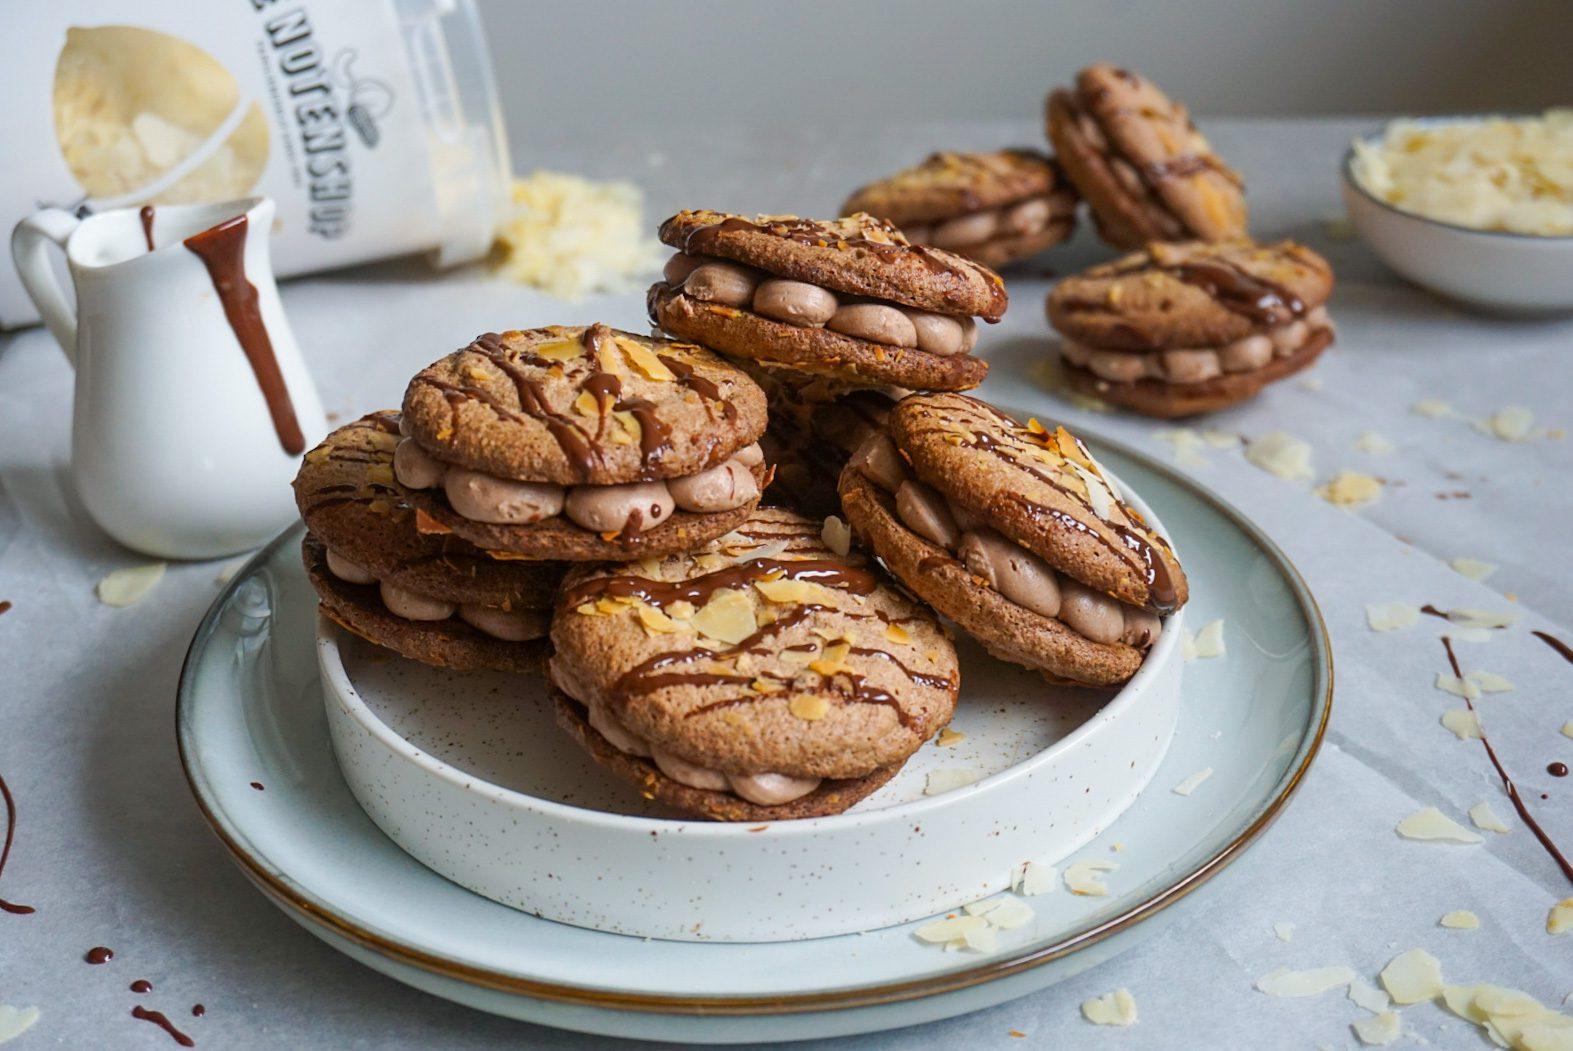 Chocolade koeken zonder koemelk en gluten